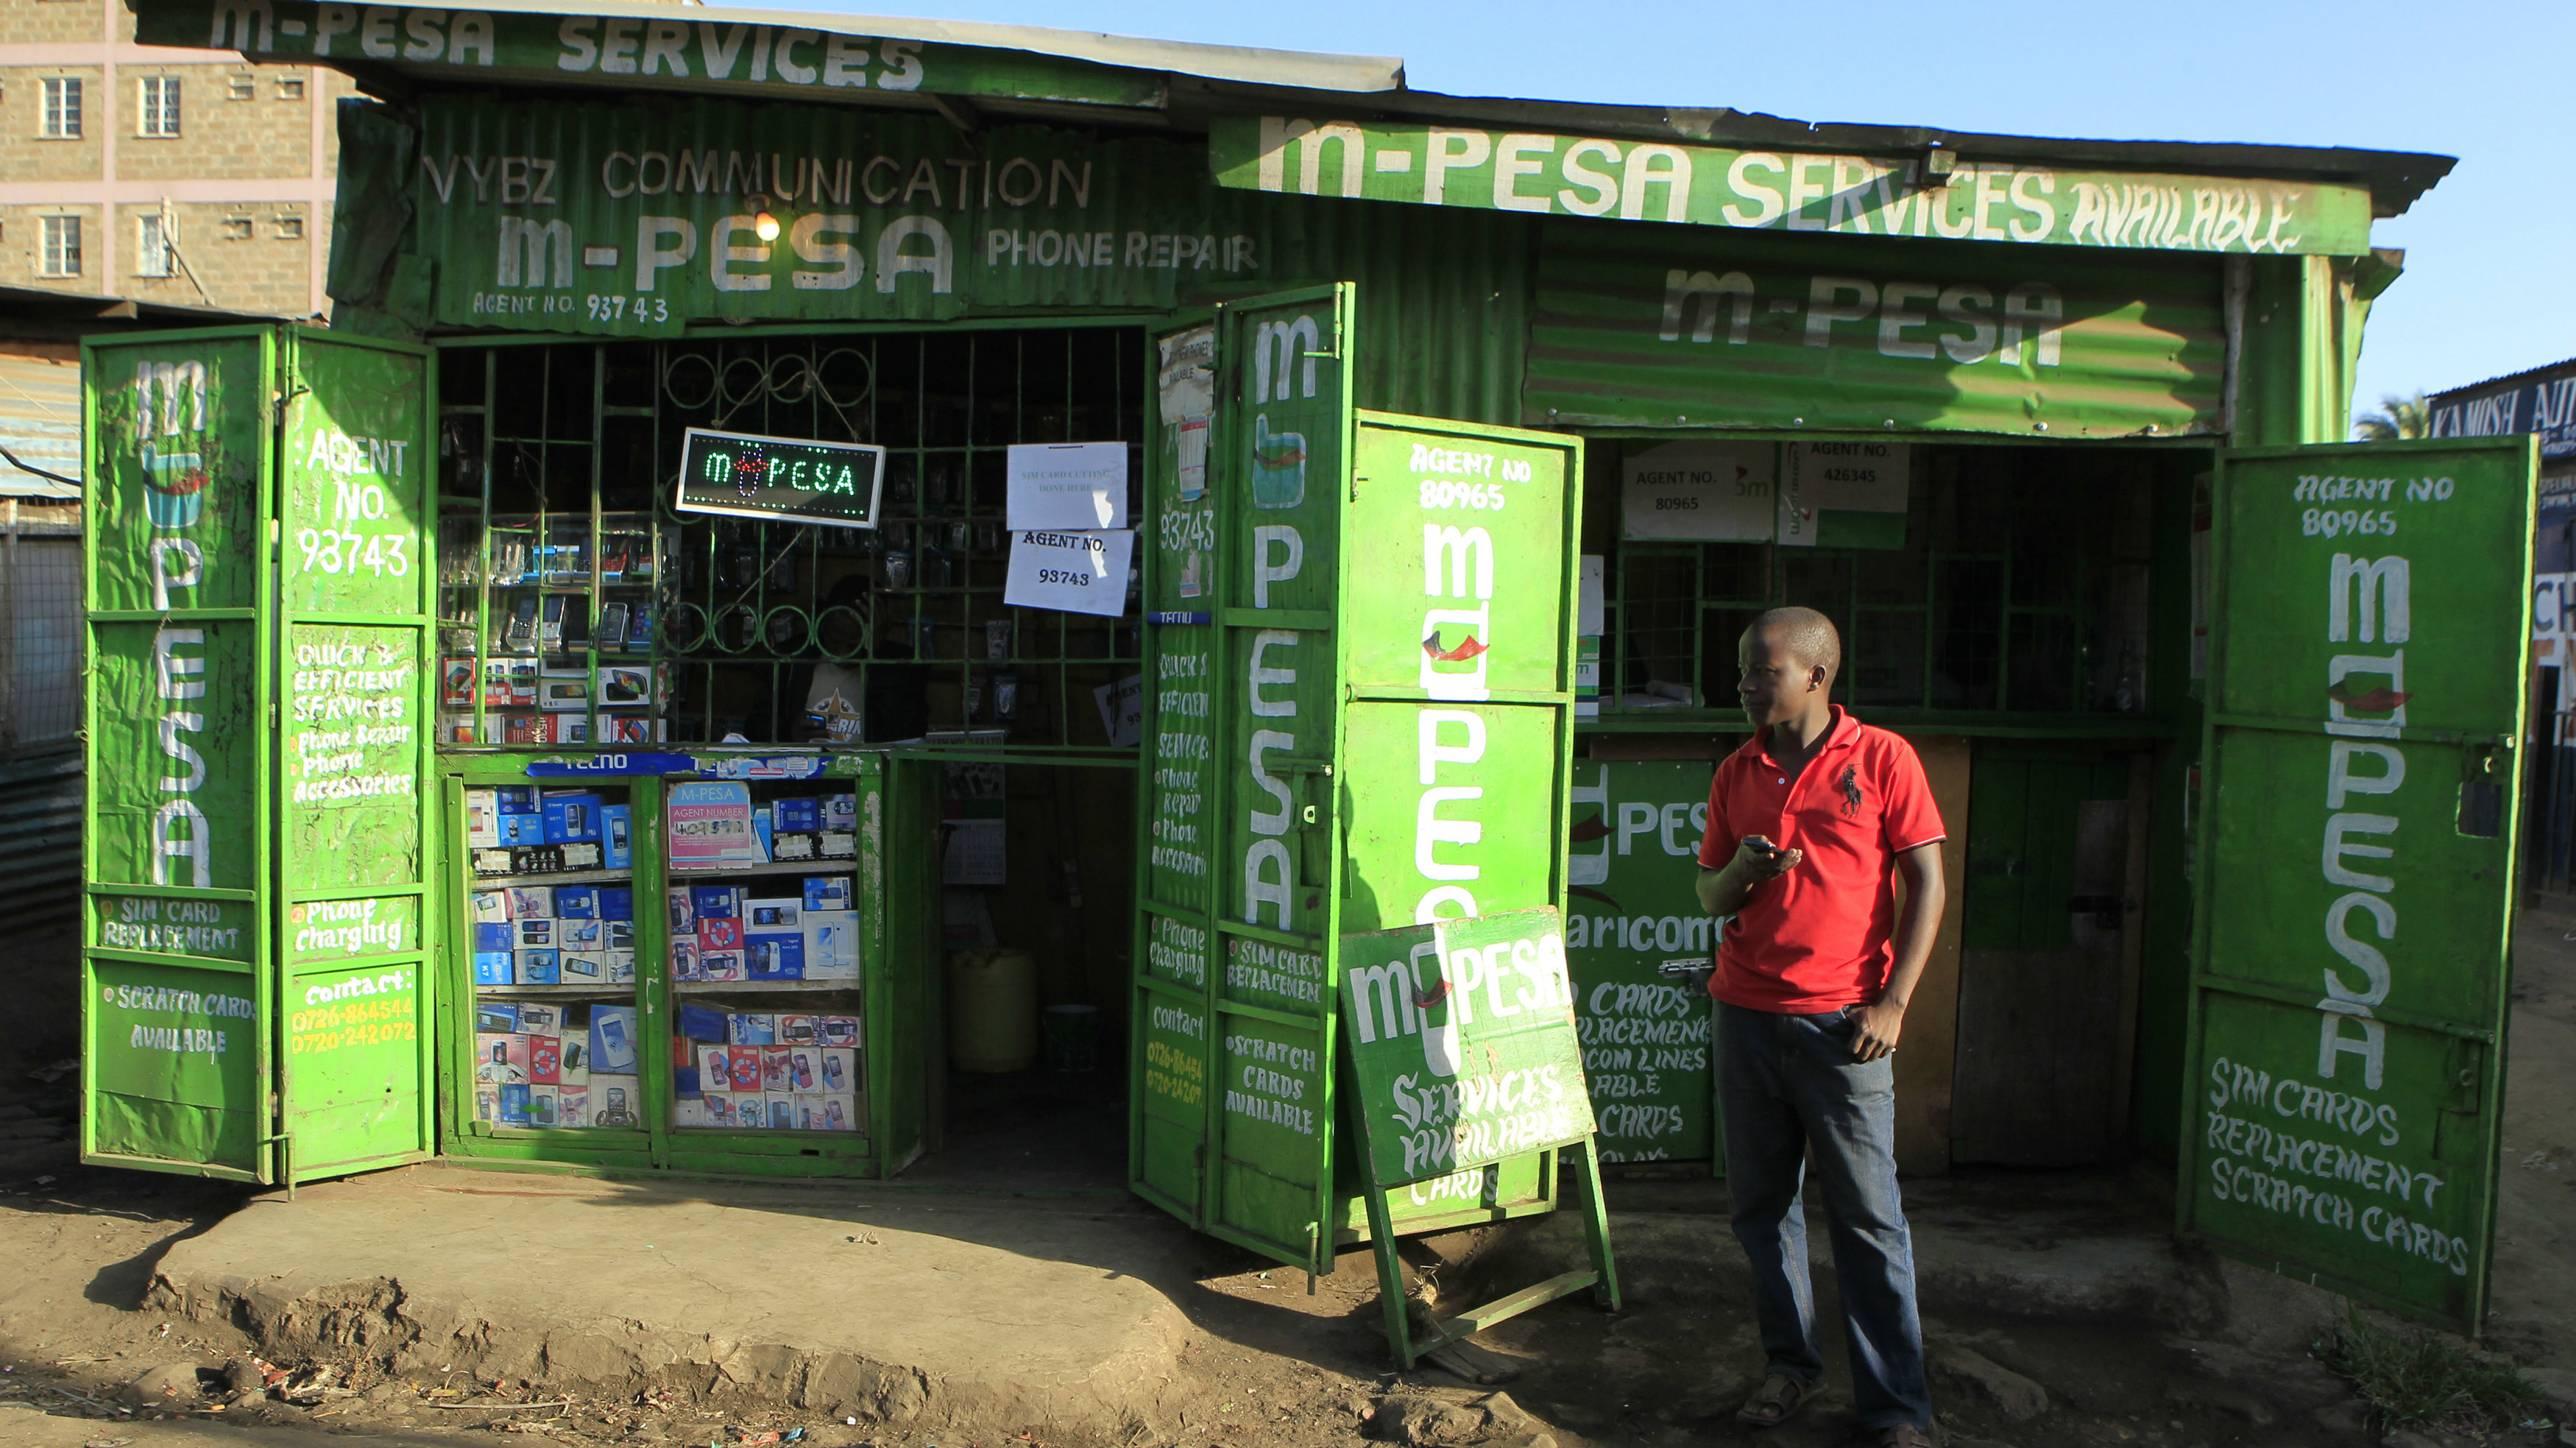 A man waits for M-Pesa customers at his shop in Kibera in Kenya's capital Nairobi December 31, 2014.